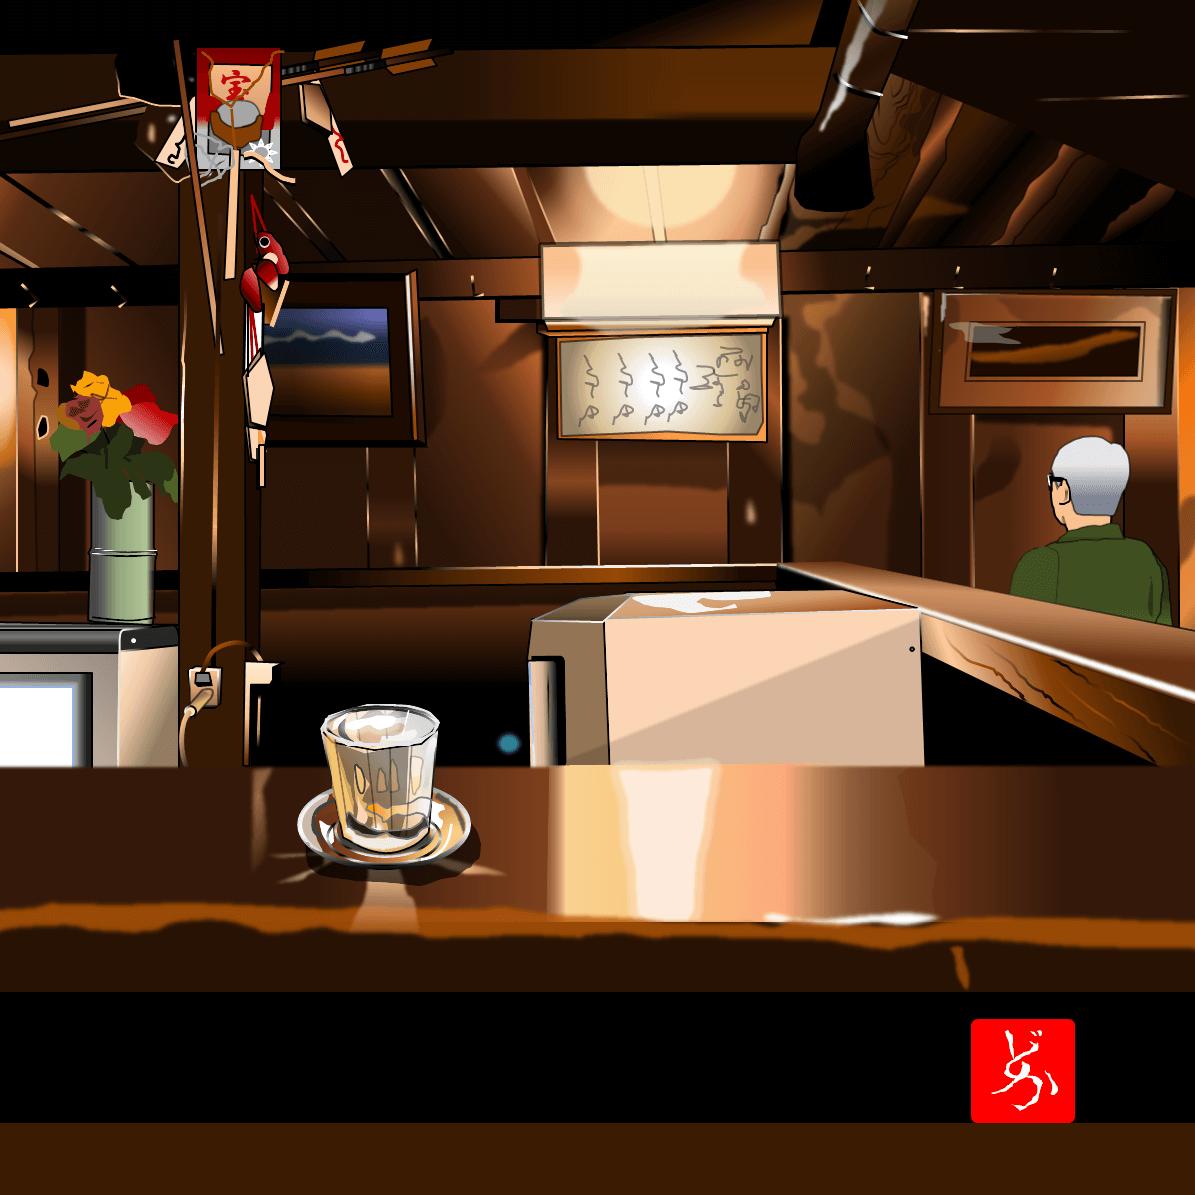 仙台の居酒屋「源氏」のエクセル画イラストバリエーション